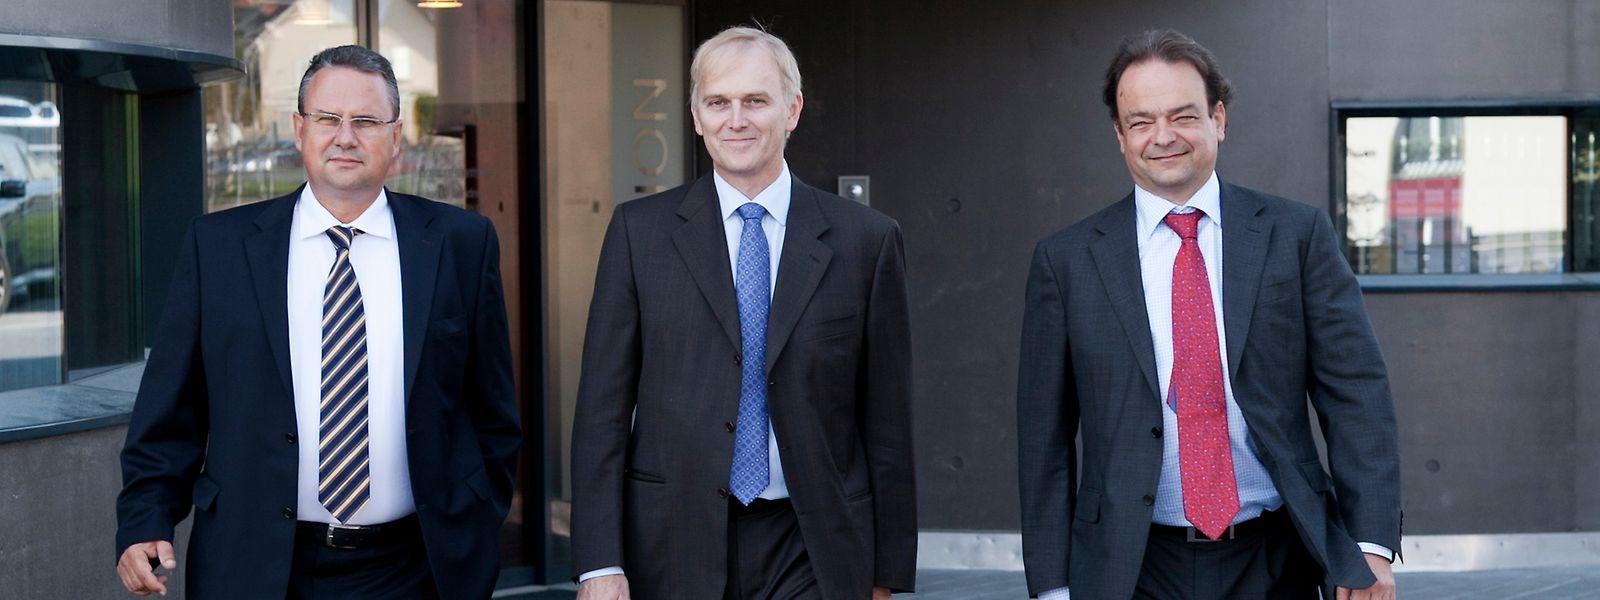 Le p.-d.g. de SwissQuote Marc Bürki, entouré par Michel Ploog (à g.) et Paolo Buzzi (à d.)